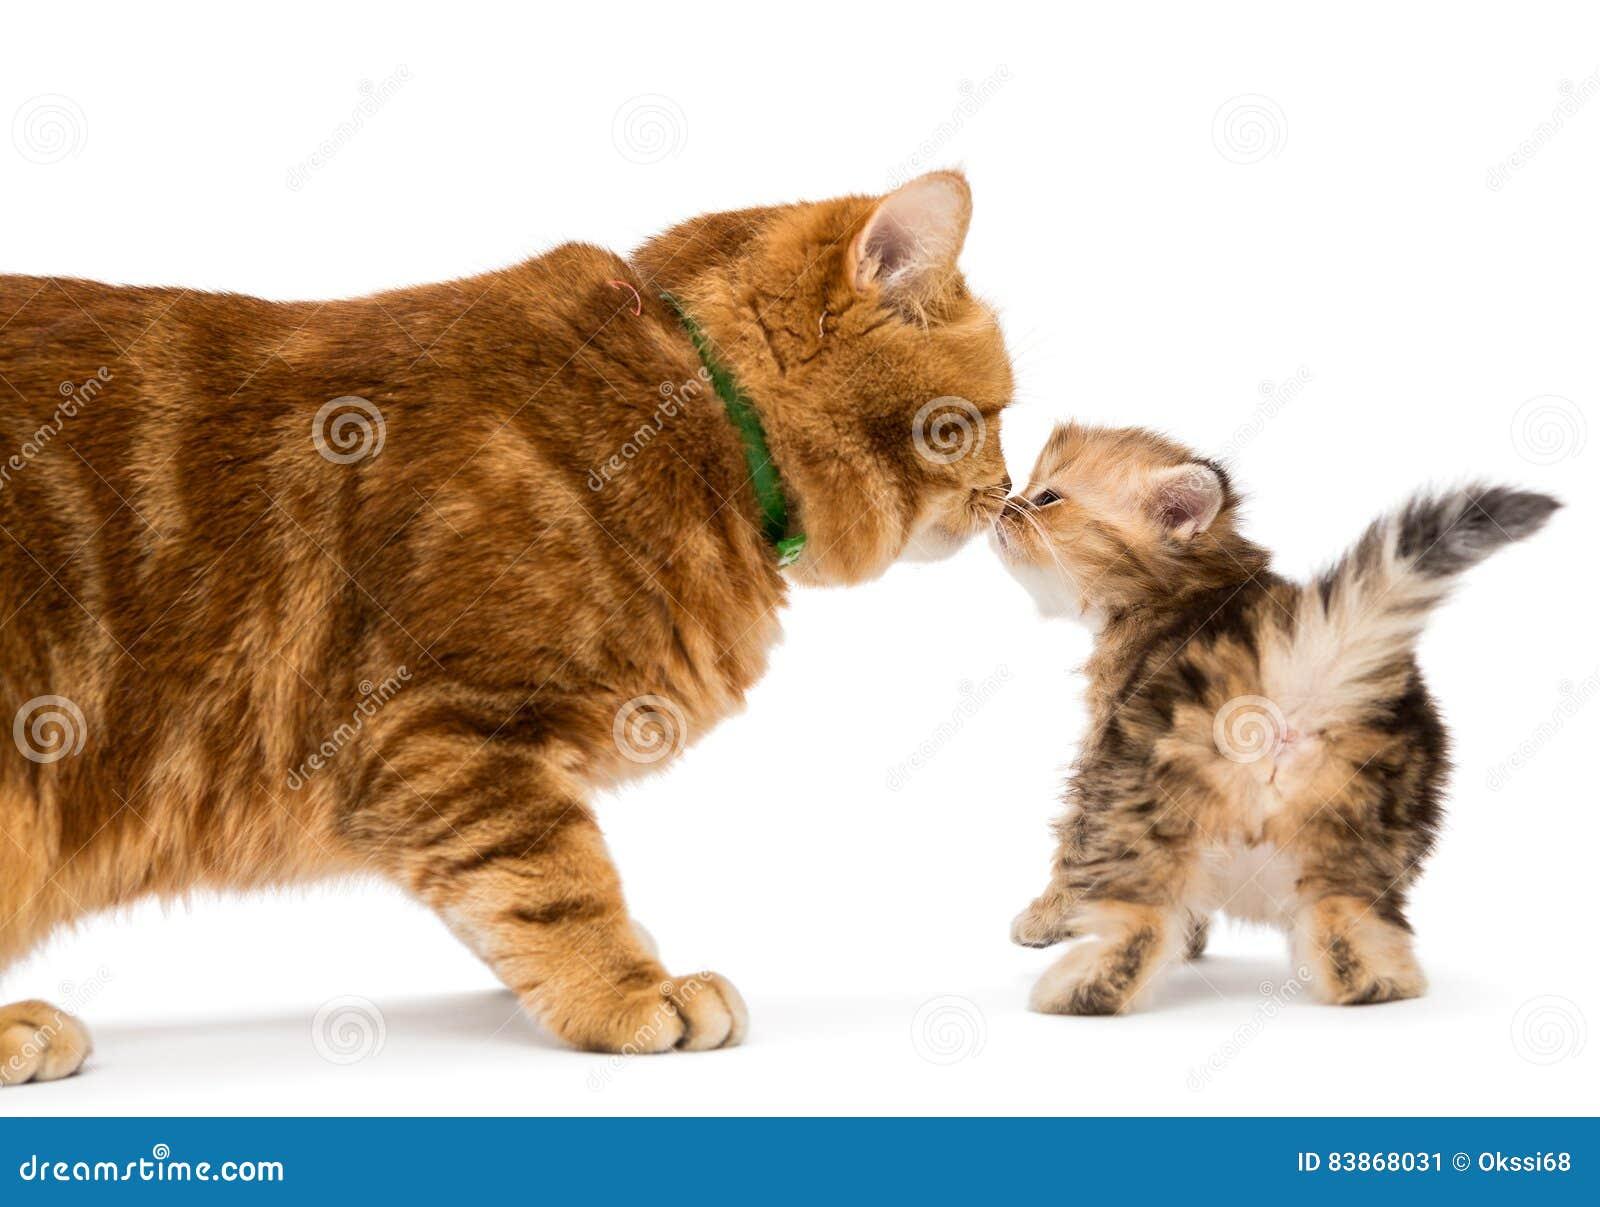 site de chat sexe chat adulte rencontre